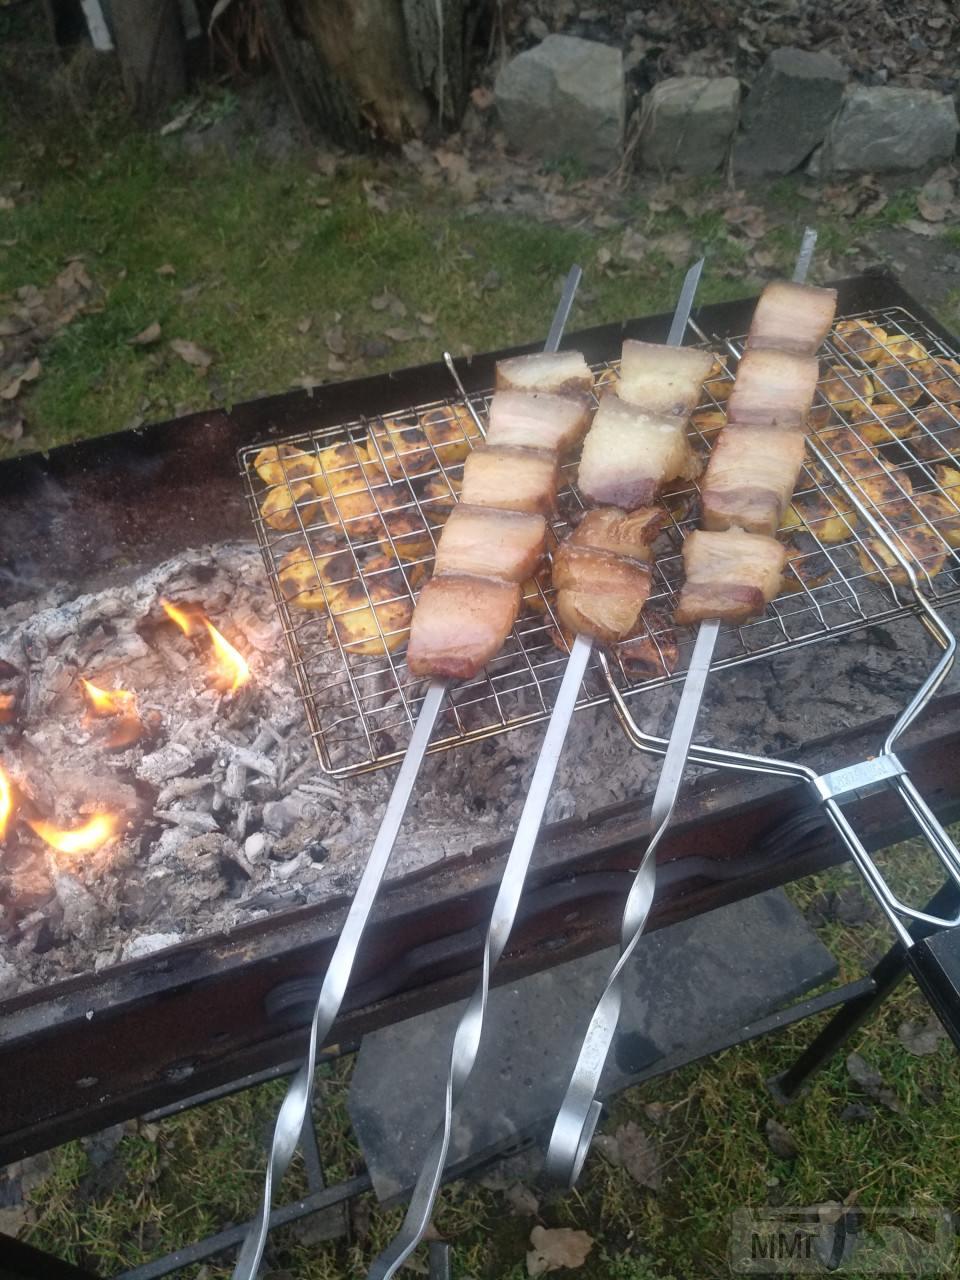 87779 - Закуски на огне (мангал, барбекю и т.д.) и кулинария вообще. Советы и рецепты.